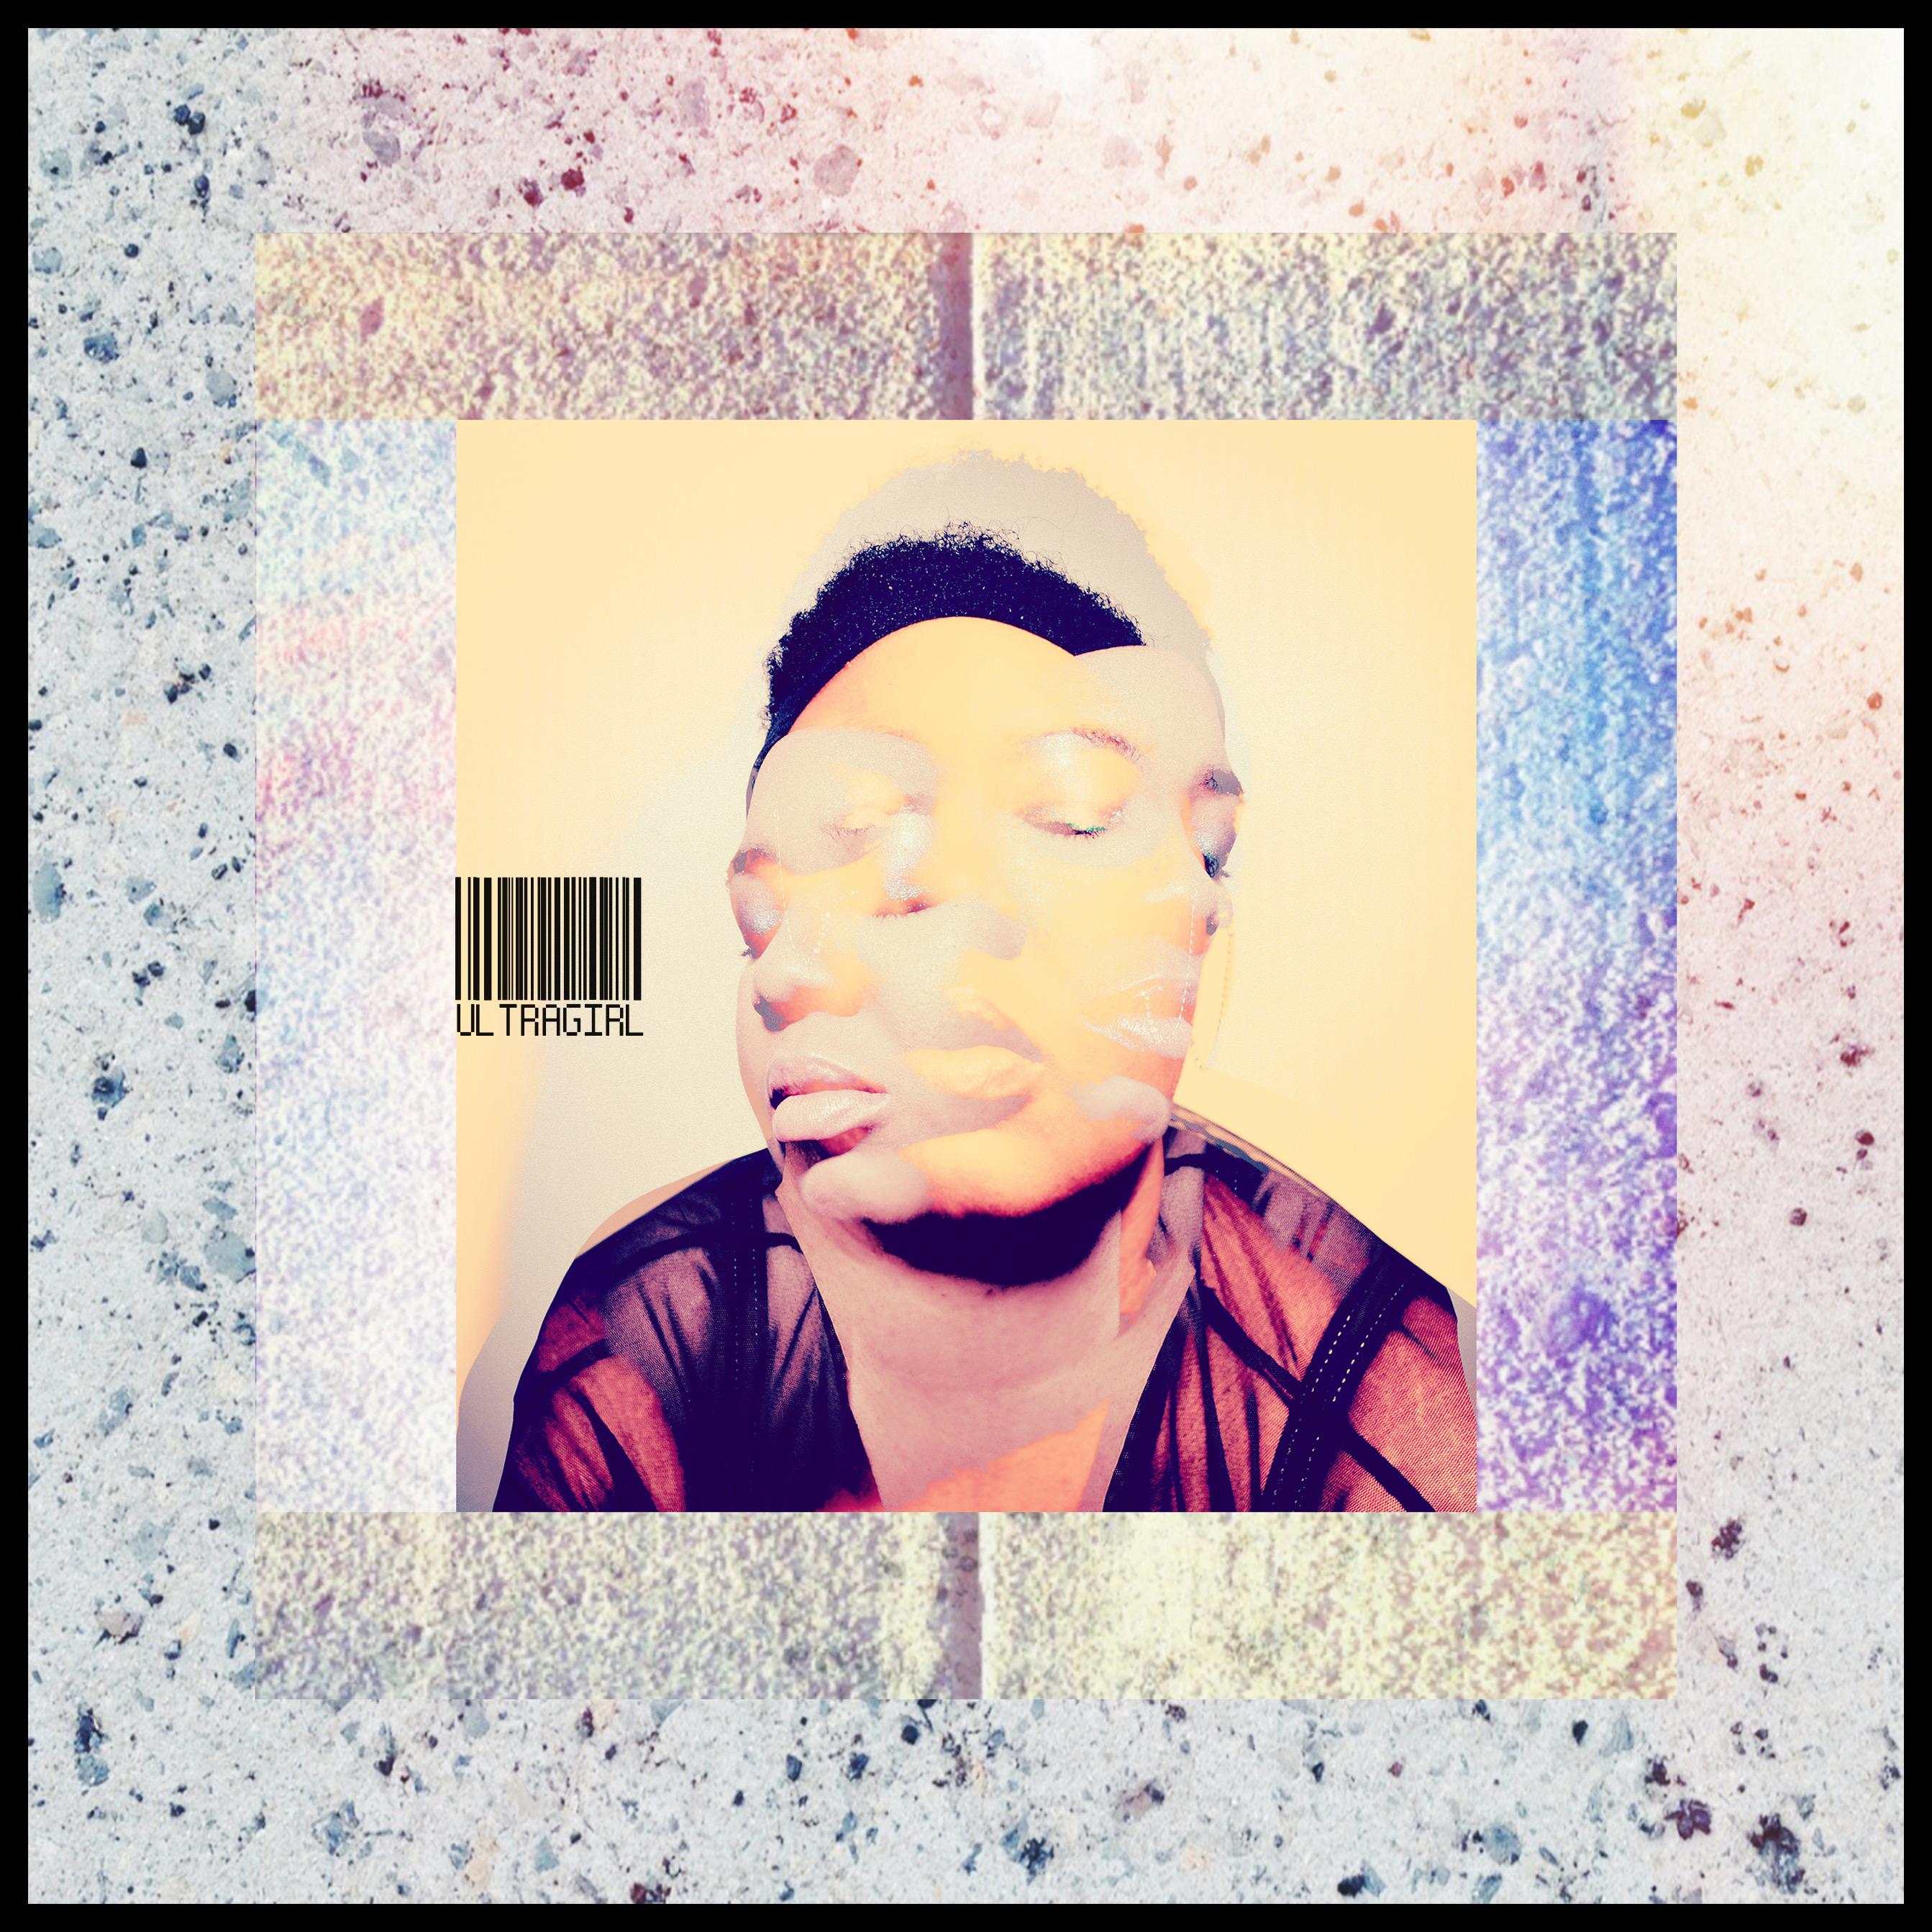 Ultragirl - EP